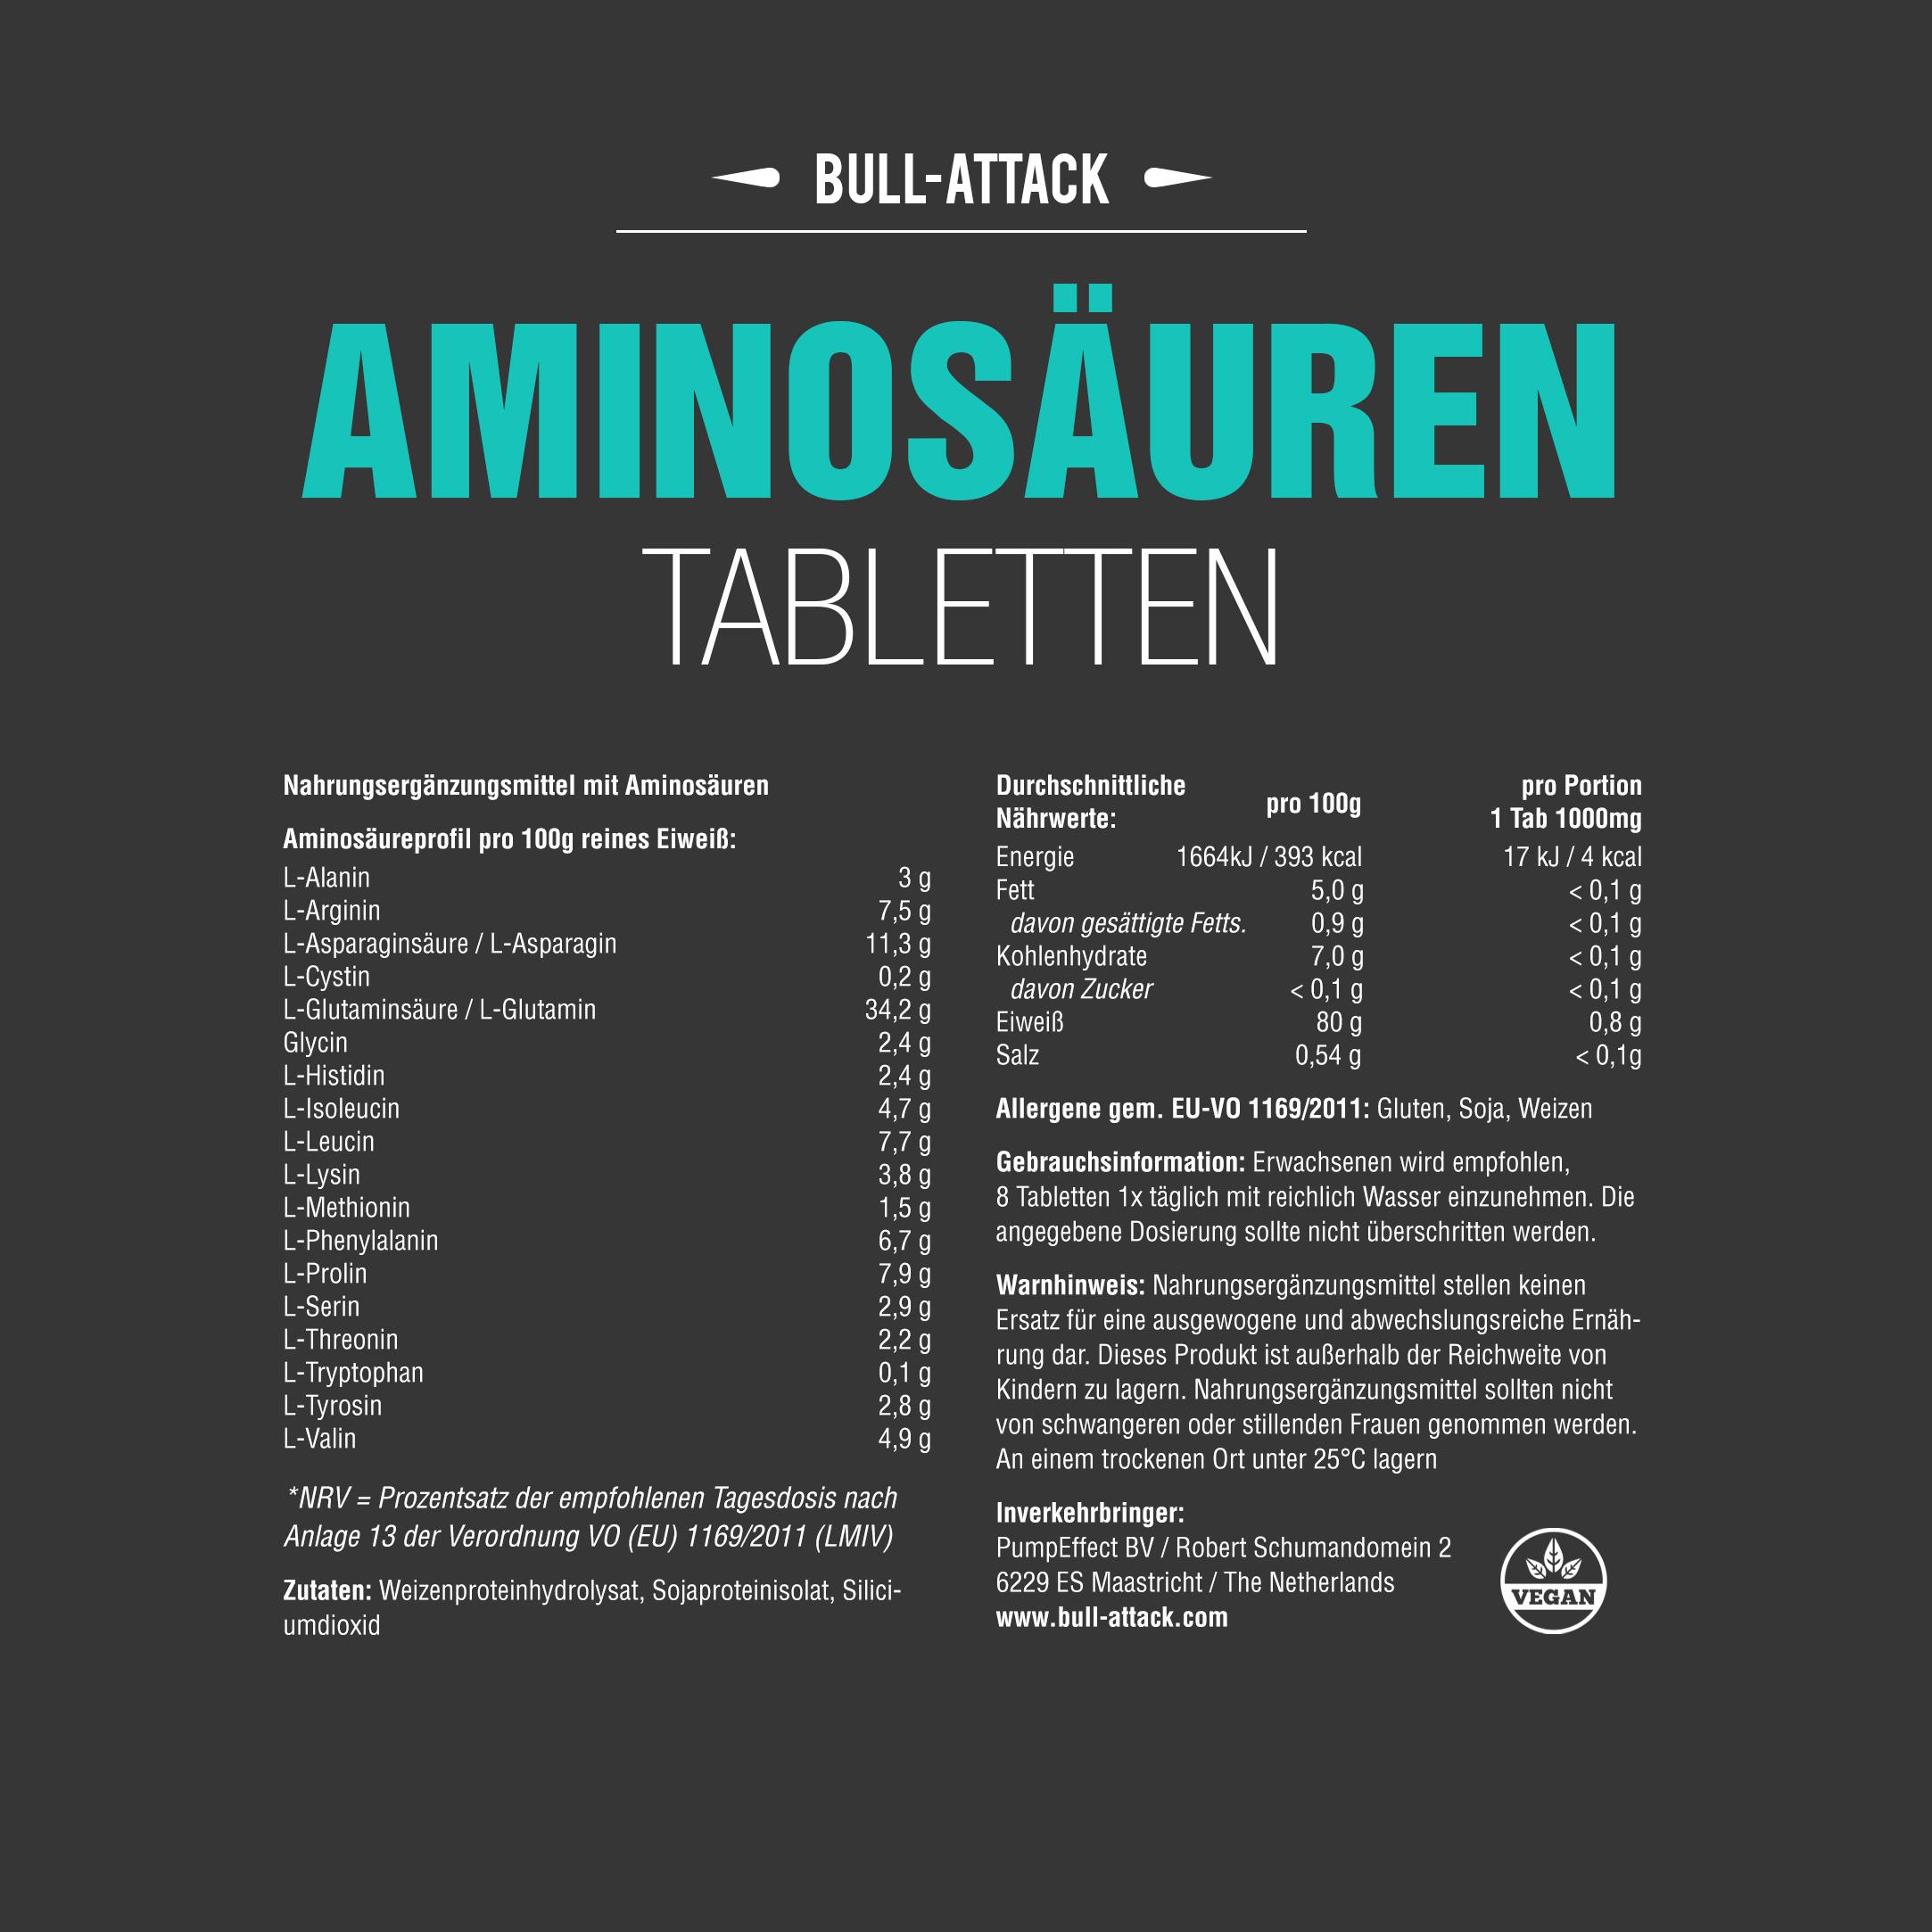 250 Aminosäuren Tabletten